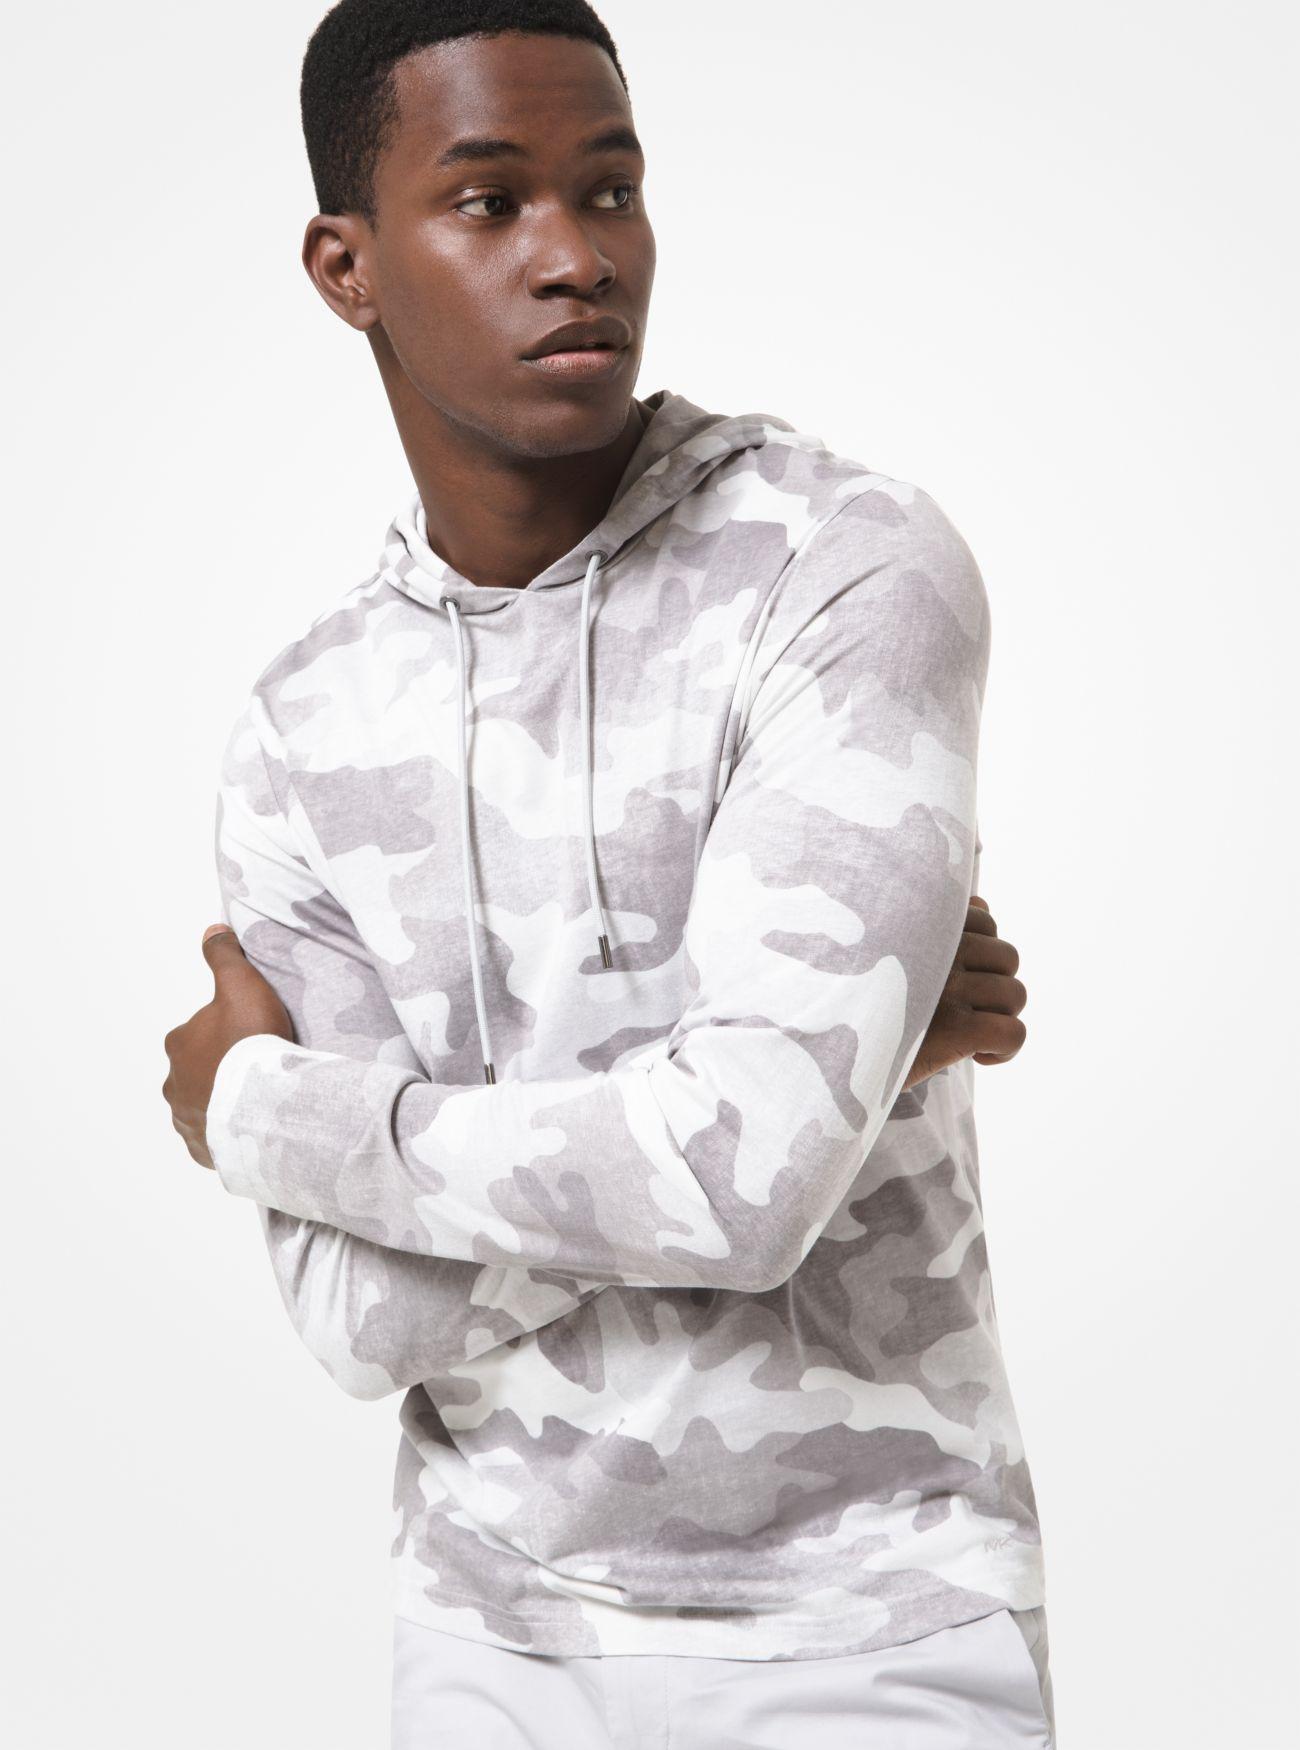 Michael Kors Men's Camouflage Cotton Jersey Hoodie